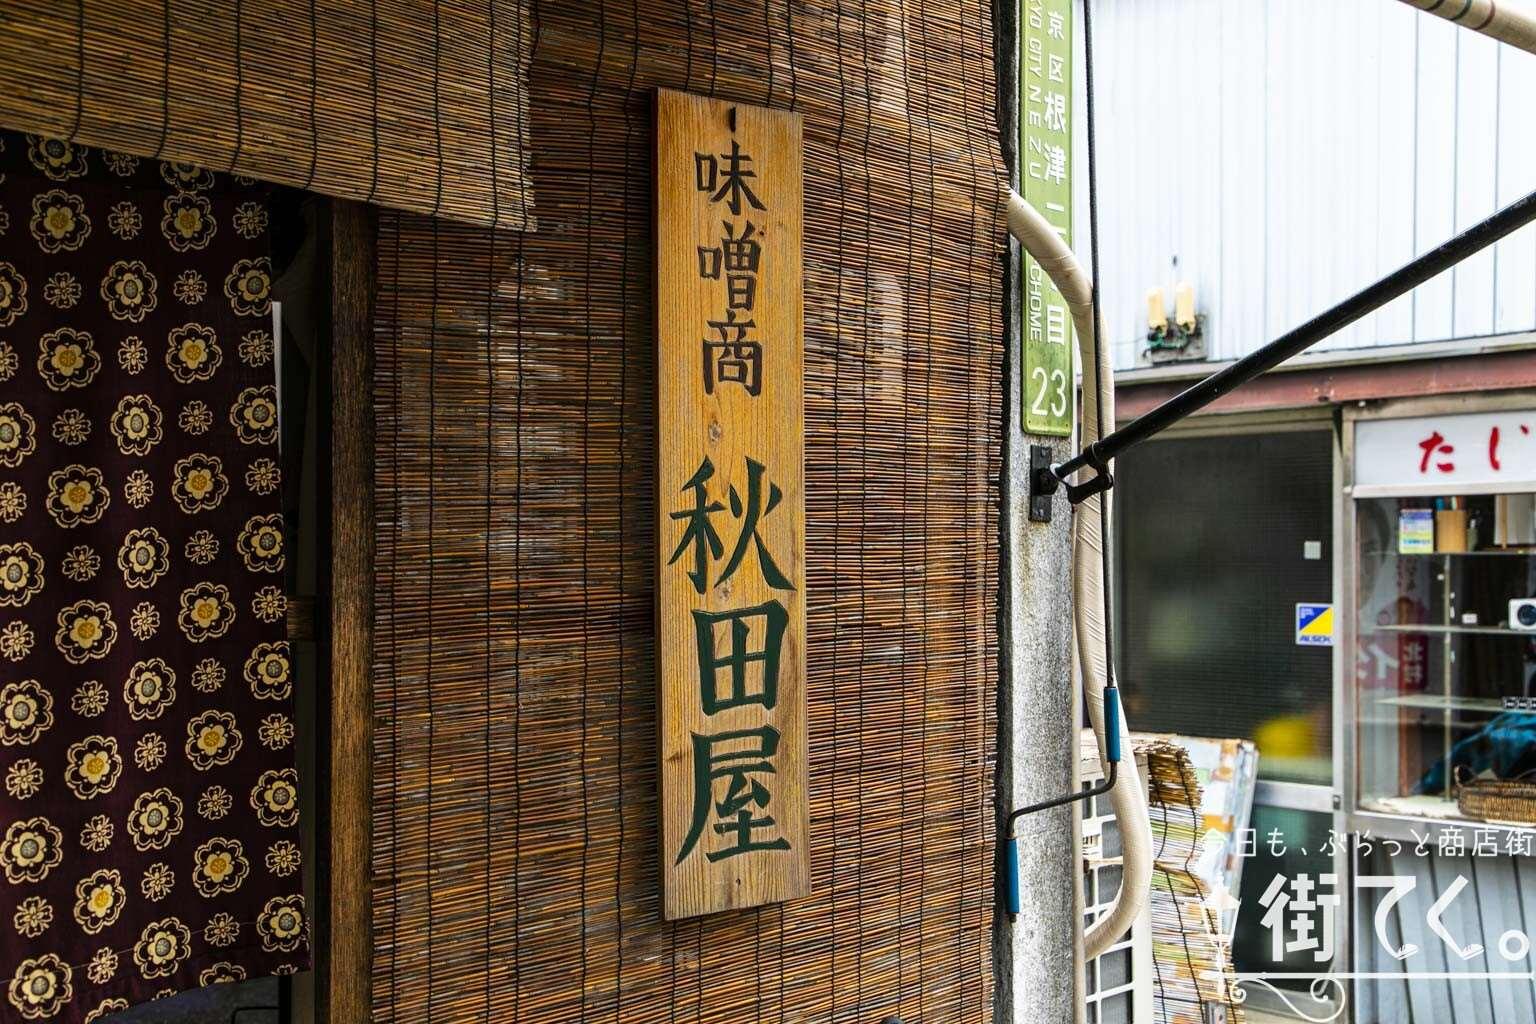 味噌商 秋田屋